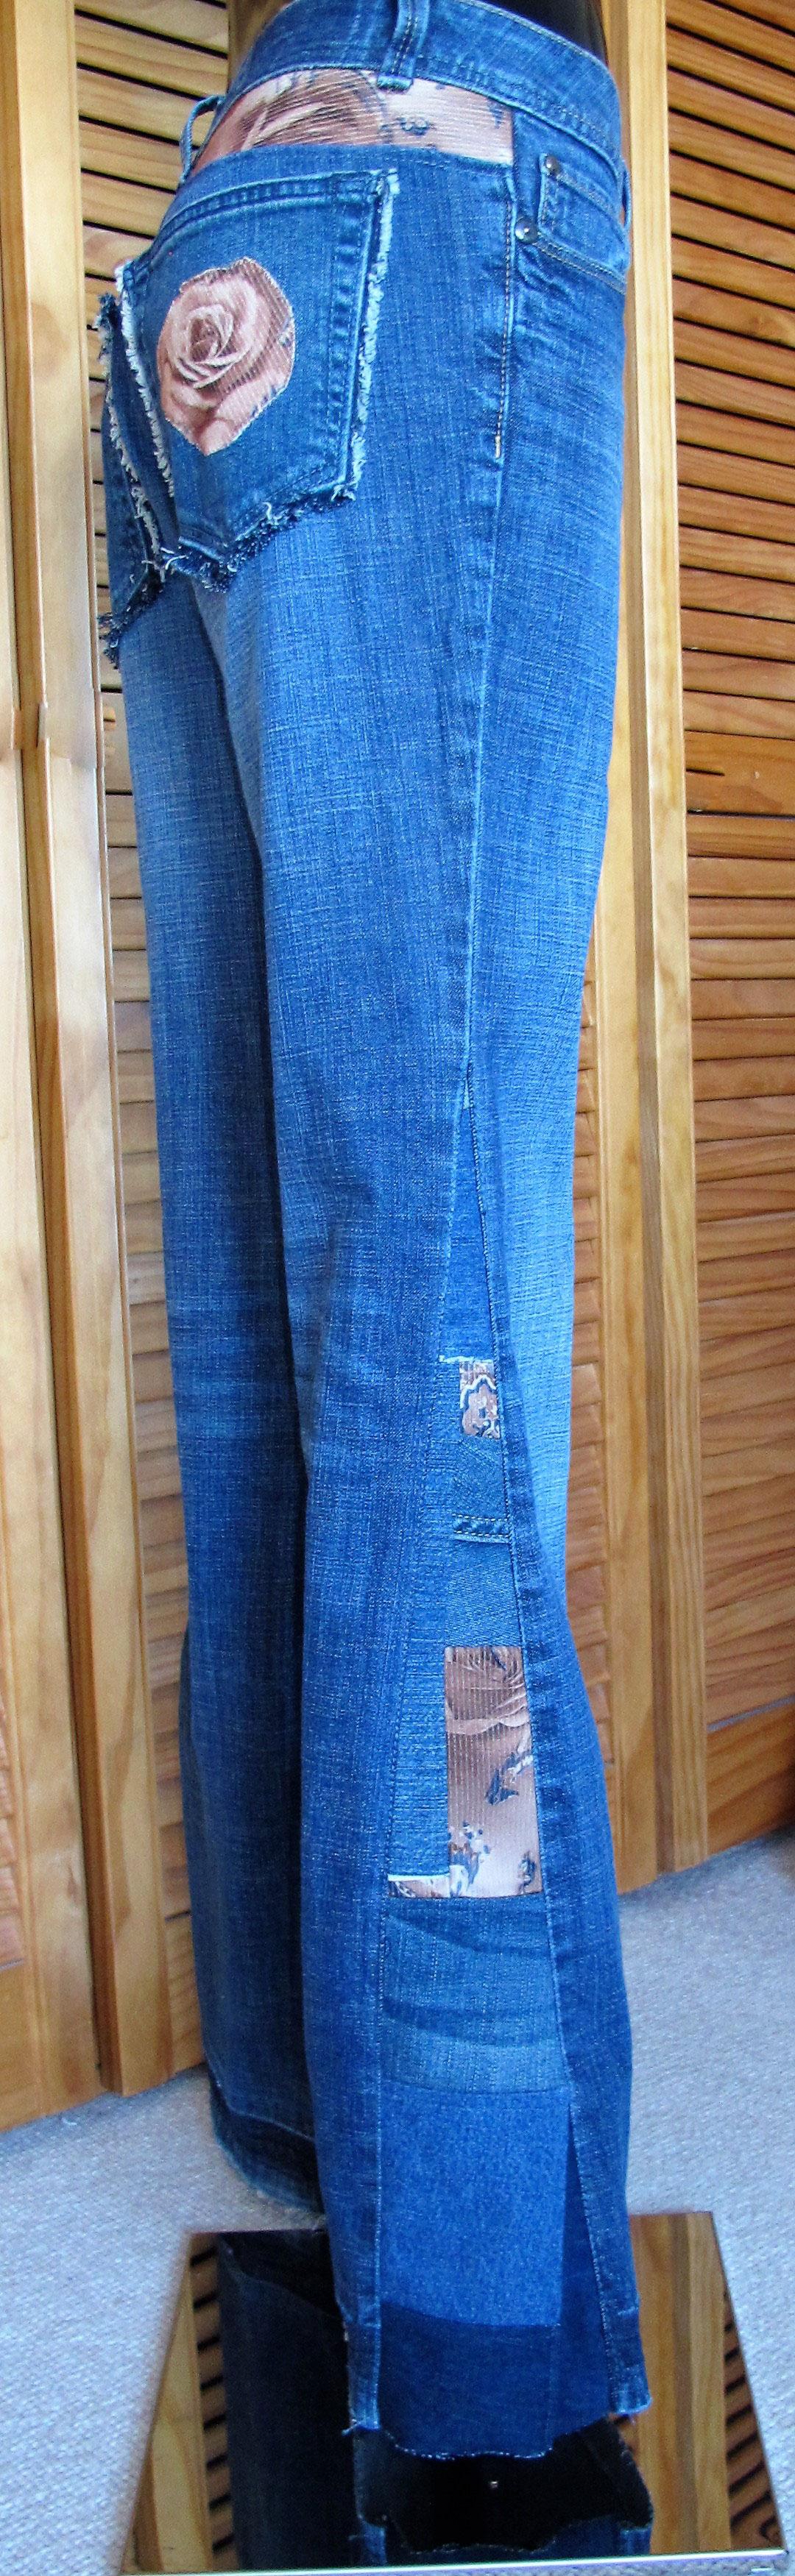 Jeans Hose Größe 38 Damen. Eine alte Jeans im Look der 70iger aufgepimmt. Schau auf meiner Seite :)recycelte Jeans Hose aus Alt mach Neu Look. Cordreste in dieser Hose verarbeitet. Sieht cool aus oder? Patchwork denim, , upcycling